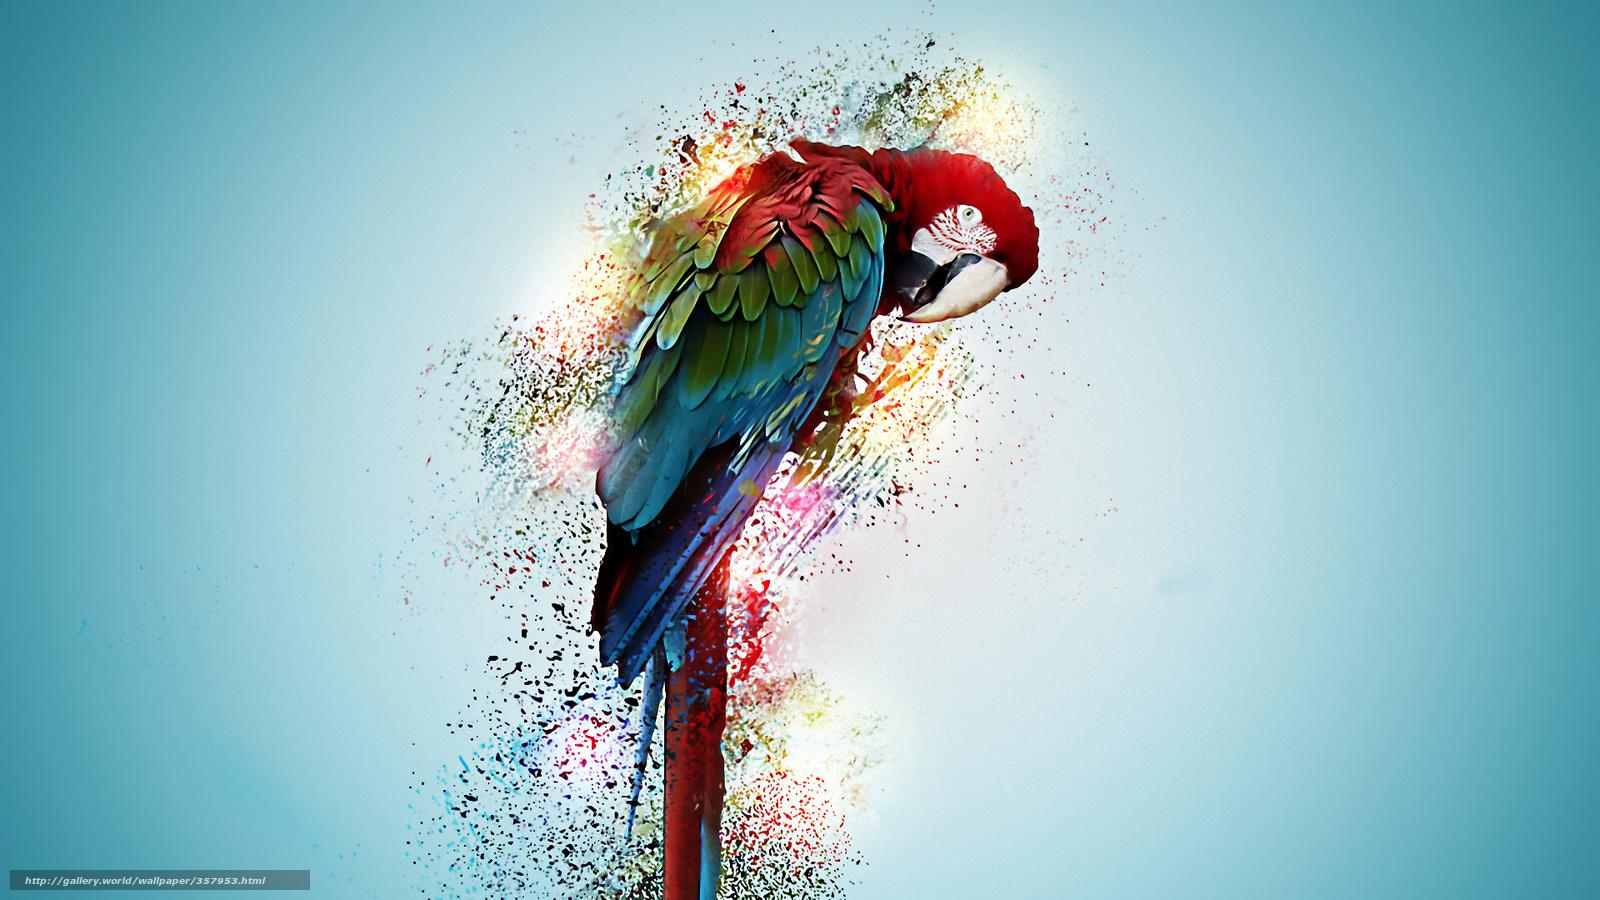 Tlcharger fond d 39 ecran perroquet peintures tic tac fonds for Fond ecran animaux hd